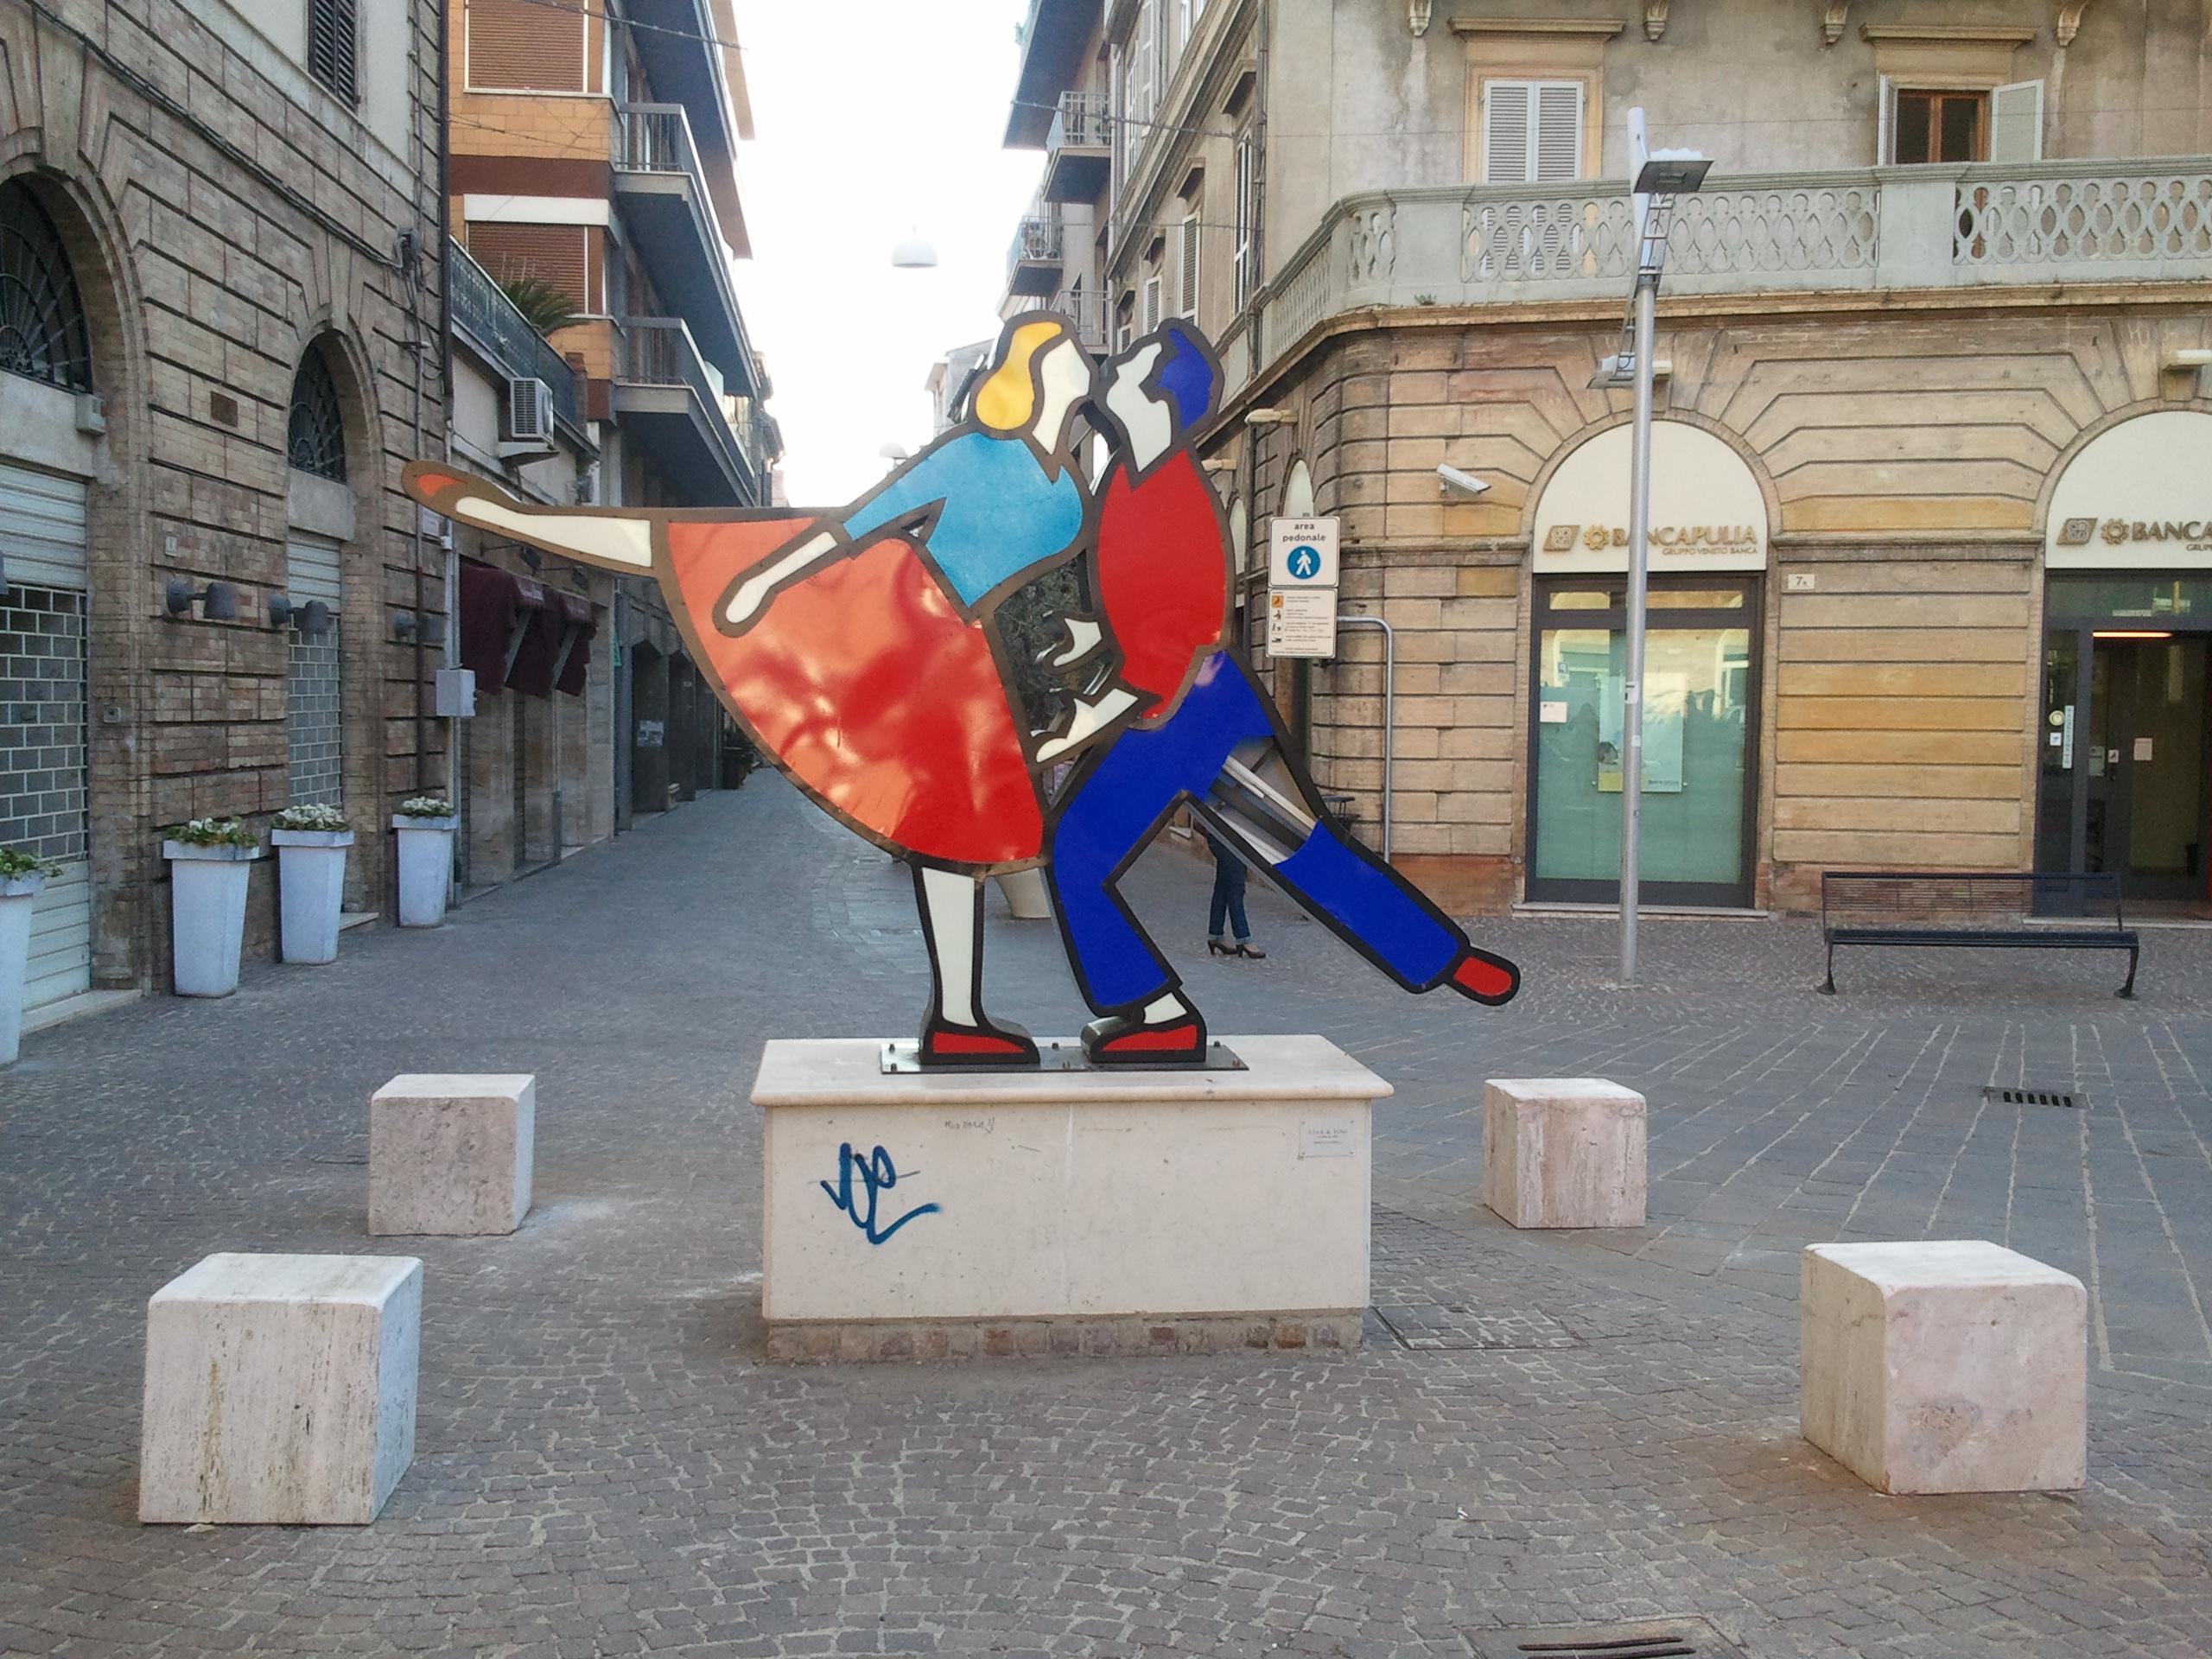 I quattro blocchi in pietra posizionati per proteggere la statua da eventuali urti - foto del 28/03/2012